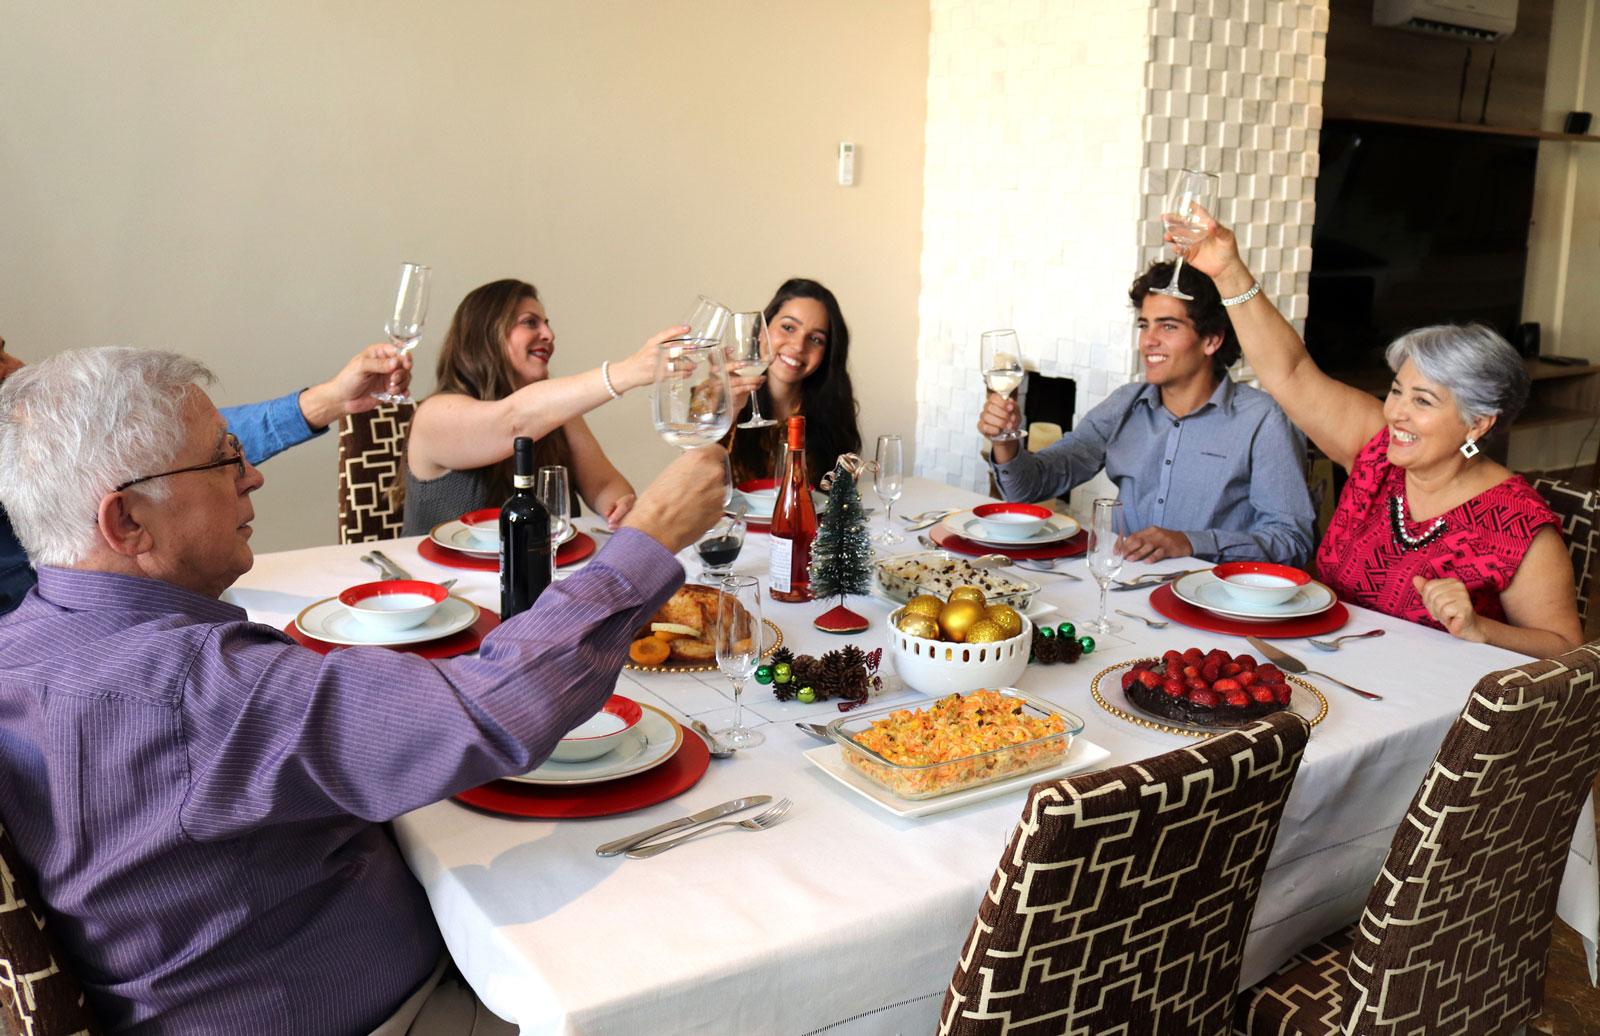 Auch in Brasilien wird im Familienkreis gefeiert.